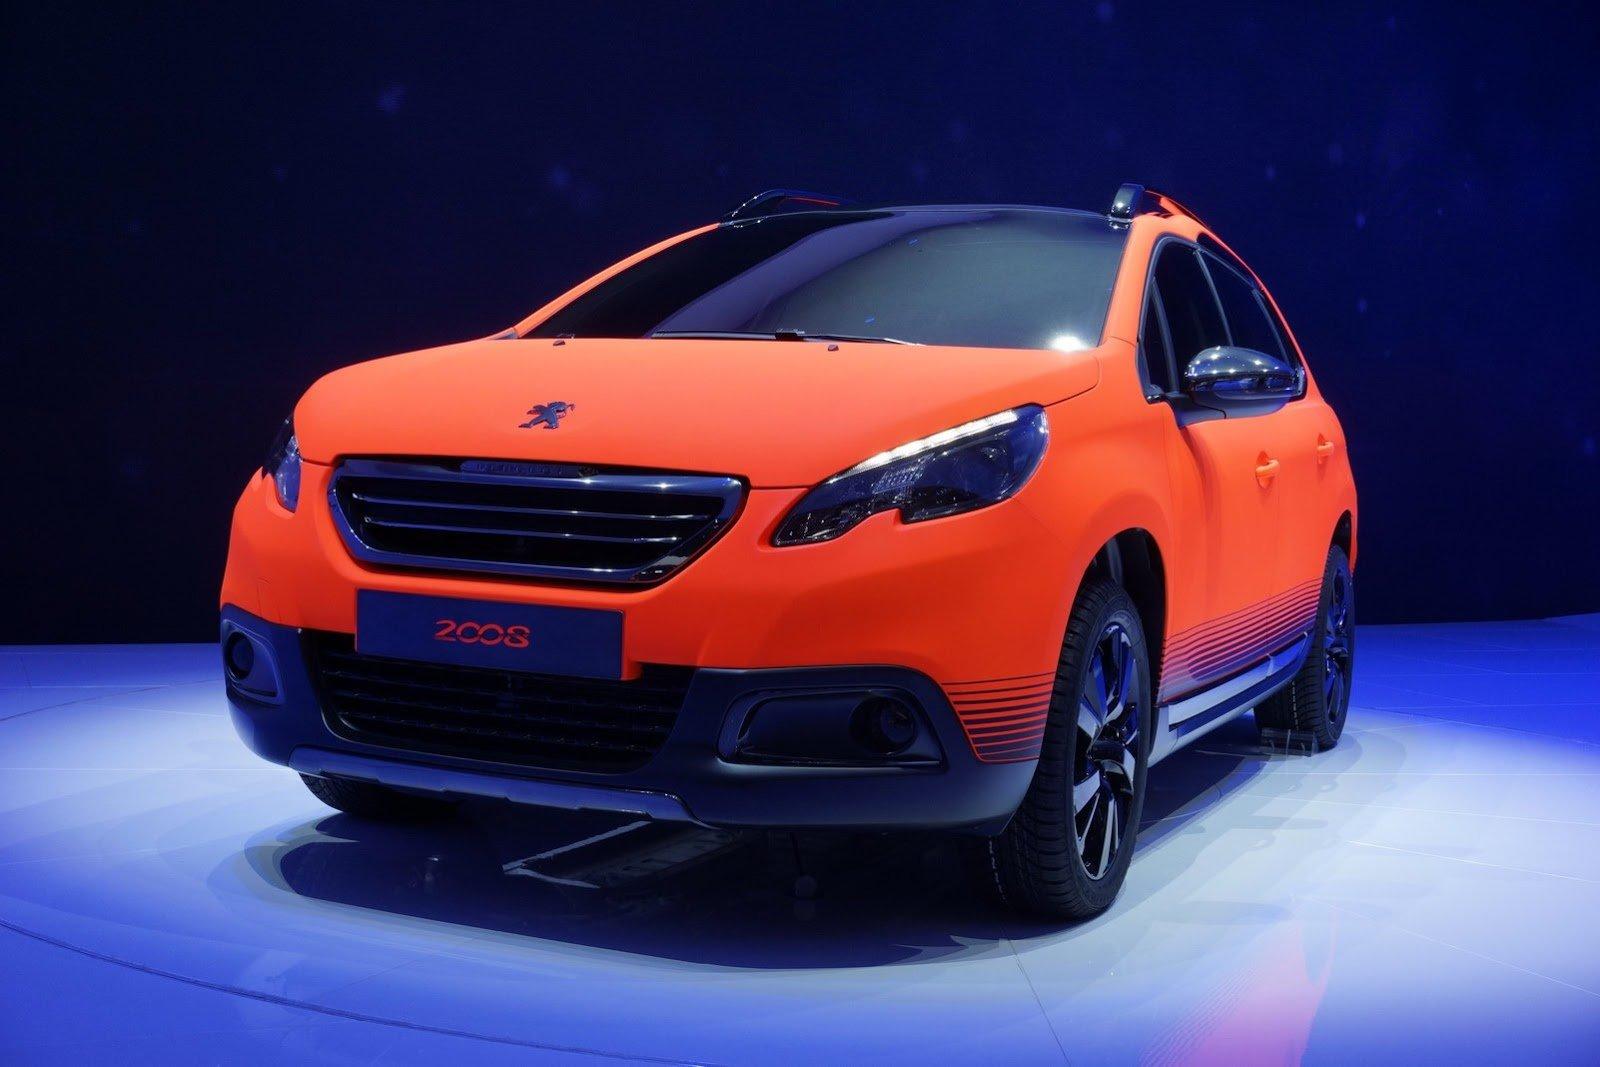 Peugeot-2008-6[2]